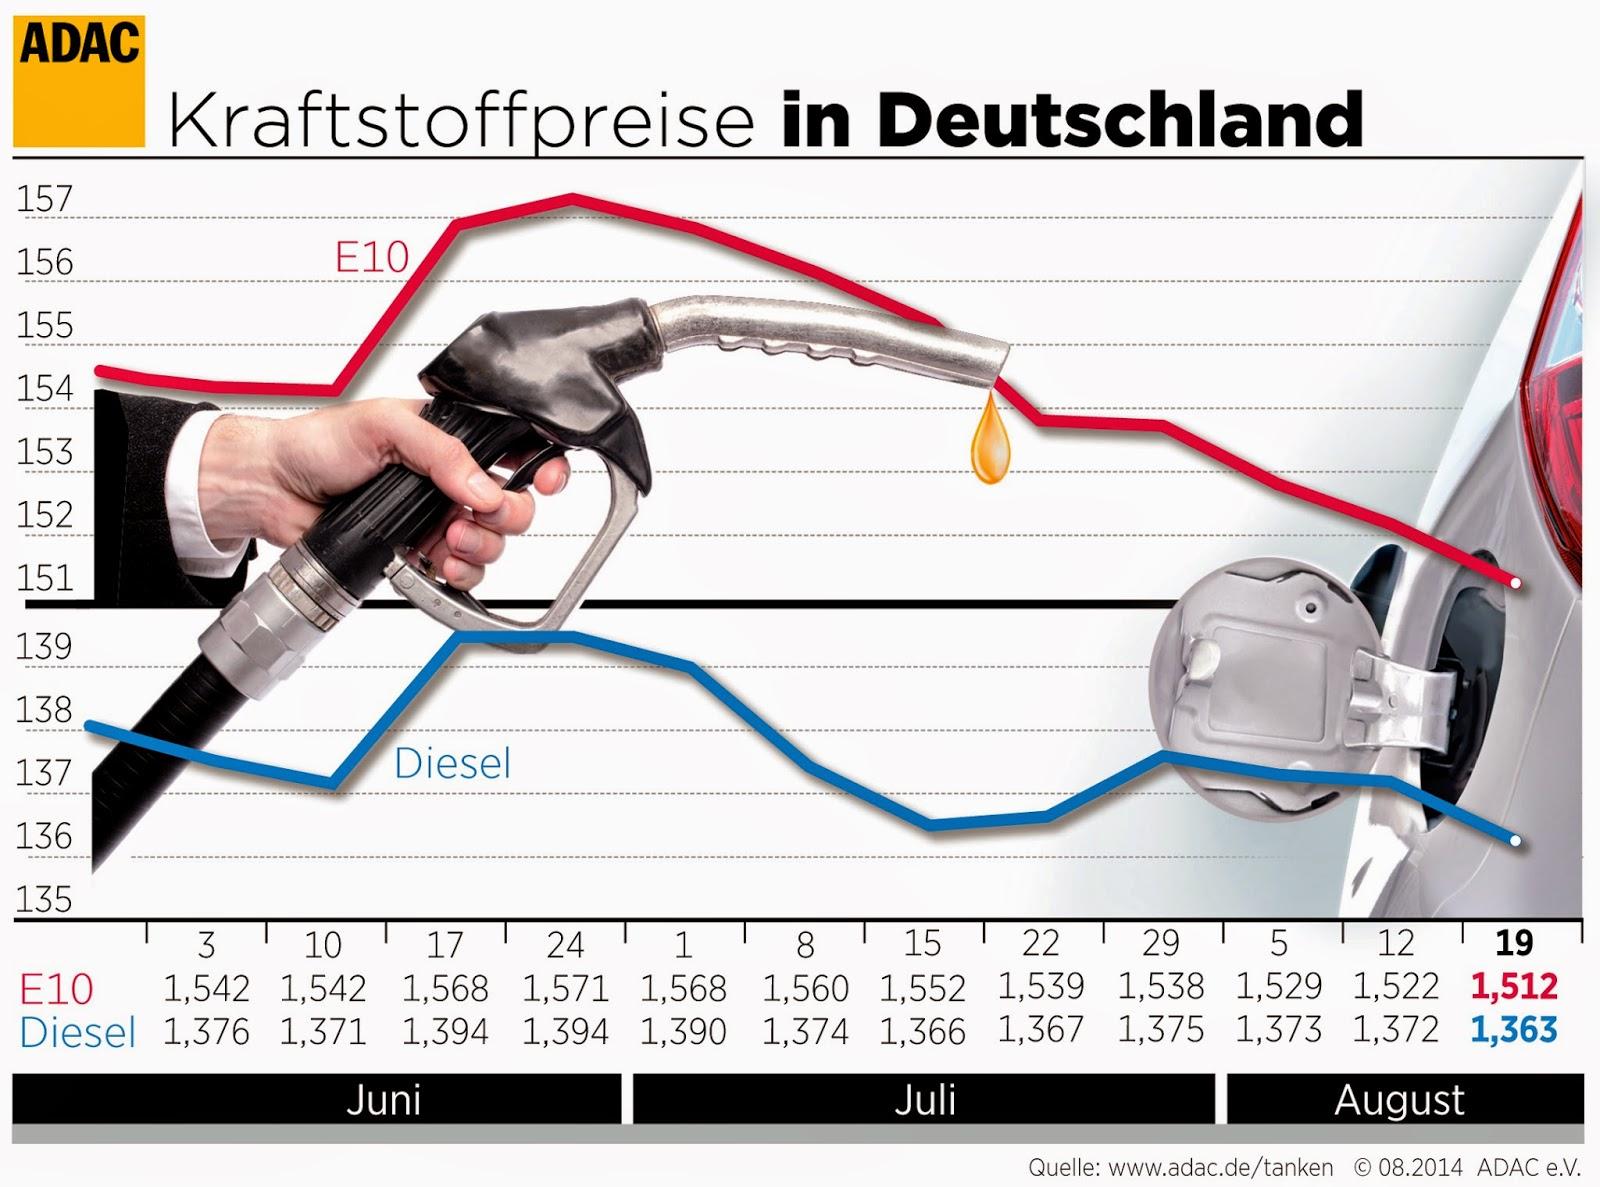 Kraftstoffpreise in Deutschland (20.08.2014). - Grafik: ADAC